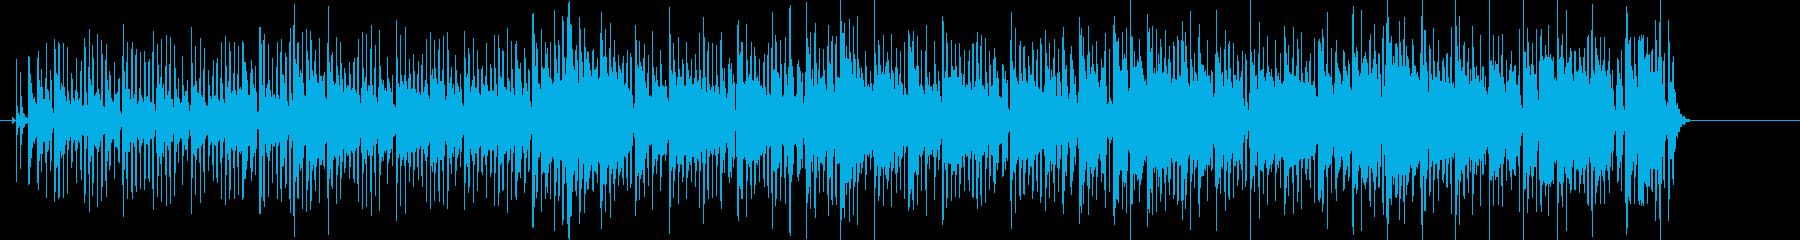 陽気で軽快な南国風ラテンBGMの再生済みの波形